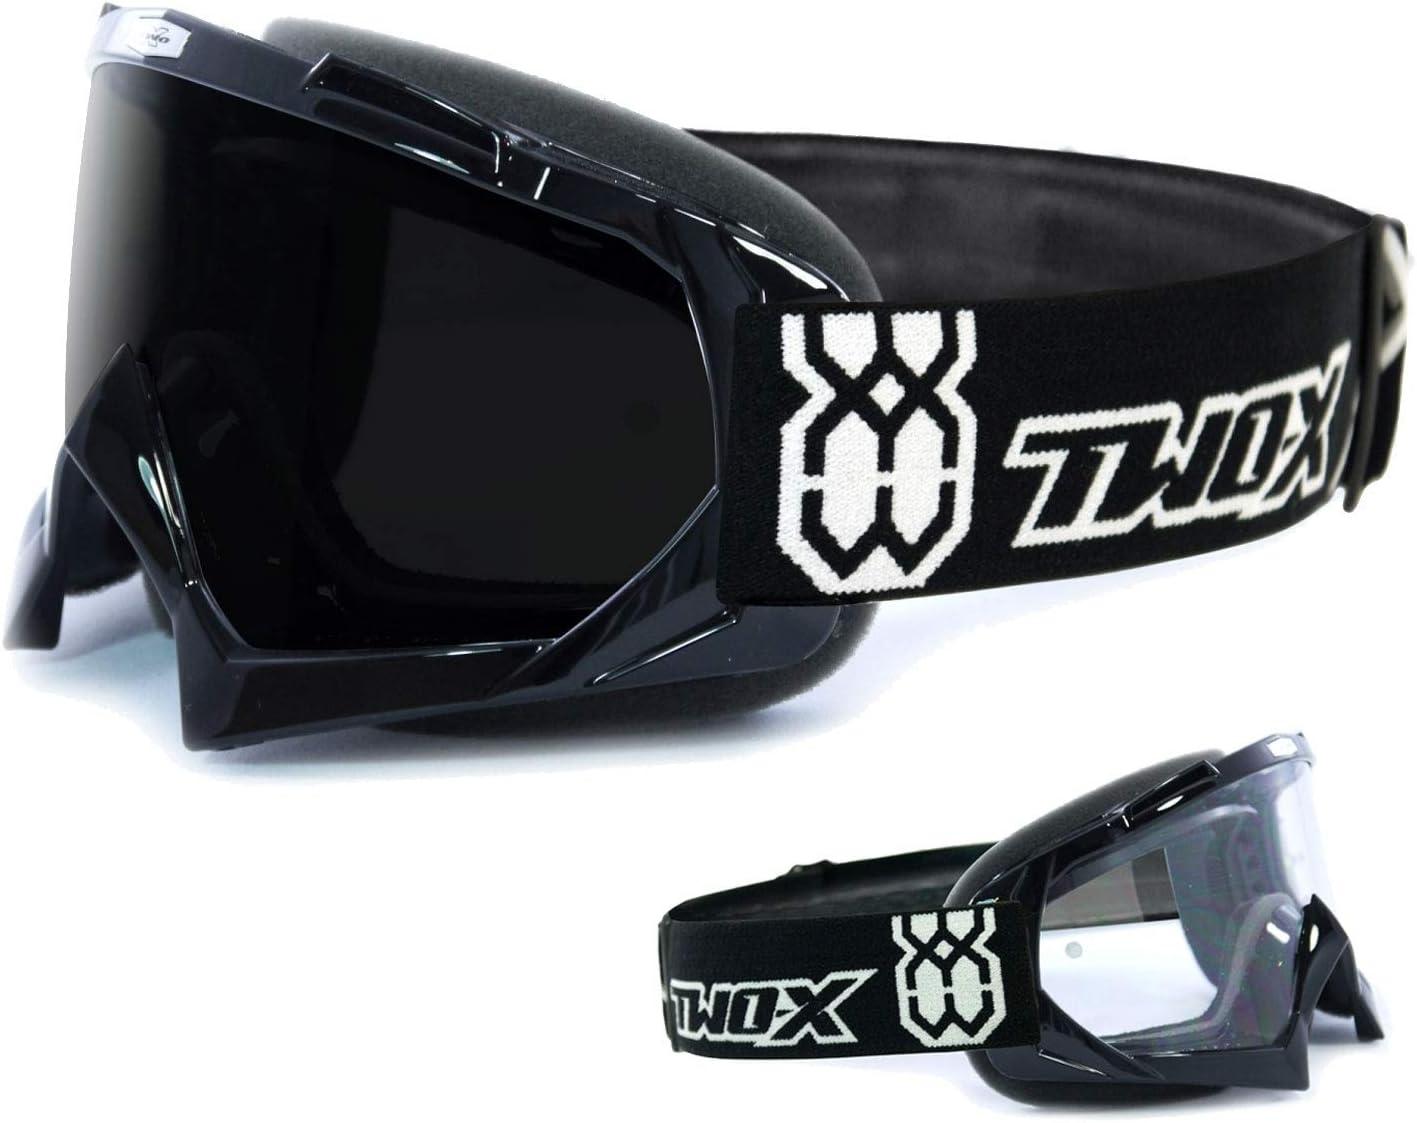 Two X Race Crossbrille Schwarz Glas Getönt Schwarz Grau Mx Brille Motocross Enduro Motorradbrille Anti Scratch Mx Schutzbrille Auto